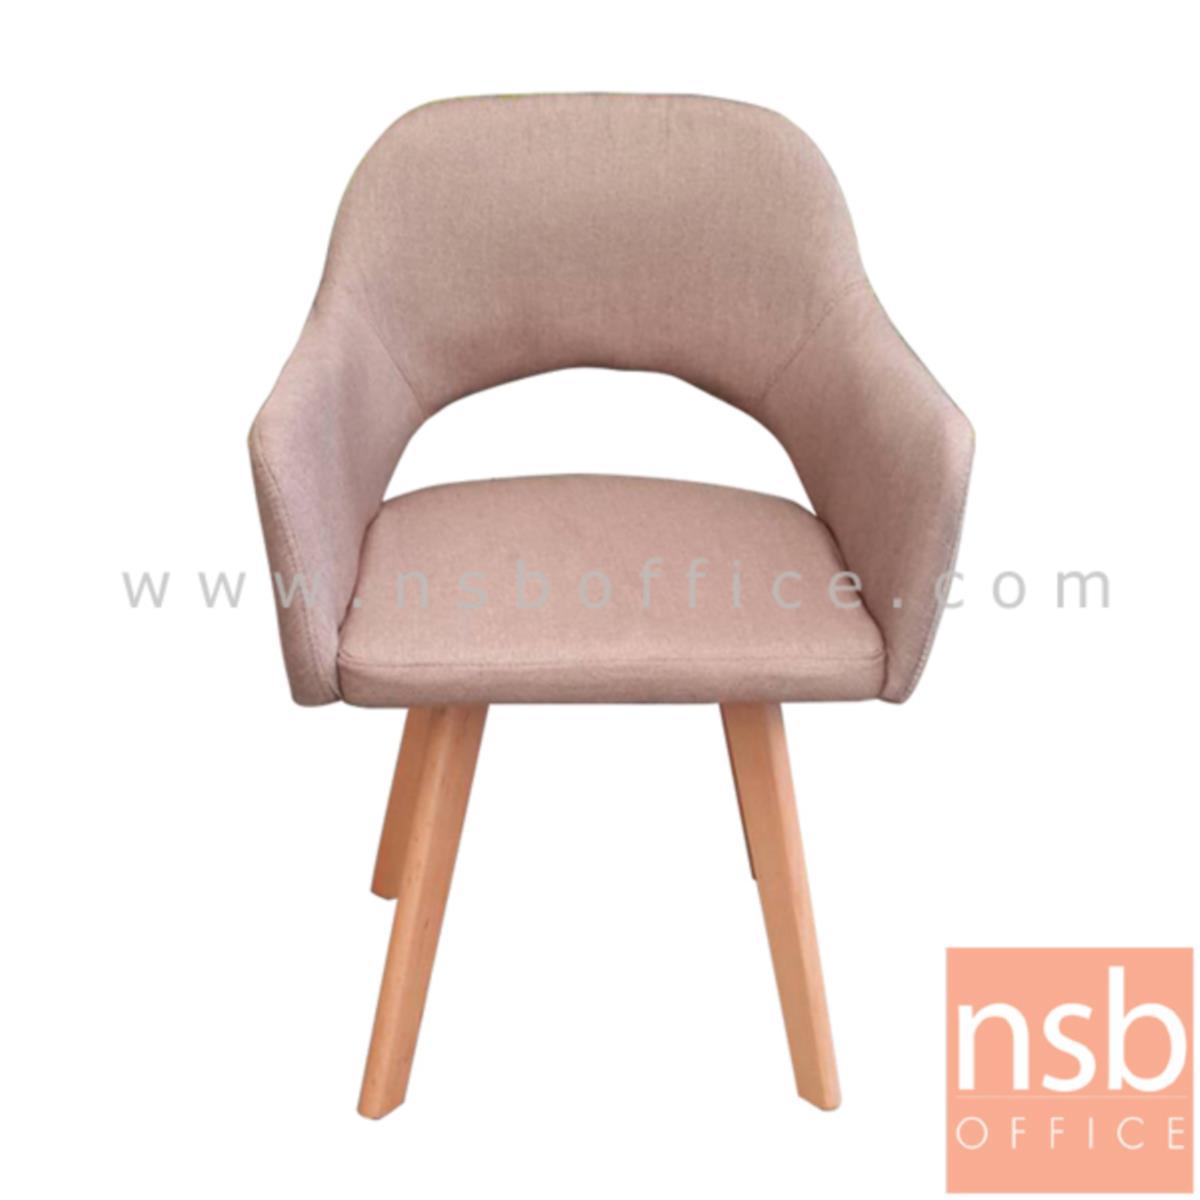 B29A255:เก้าอี้โมเดิร์นหนังเทียม รุ่น PN-18229 ขนาด 56W cm. โครงขาไม้